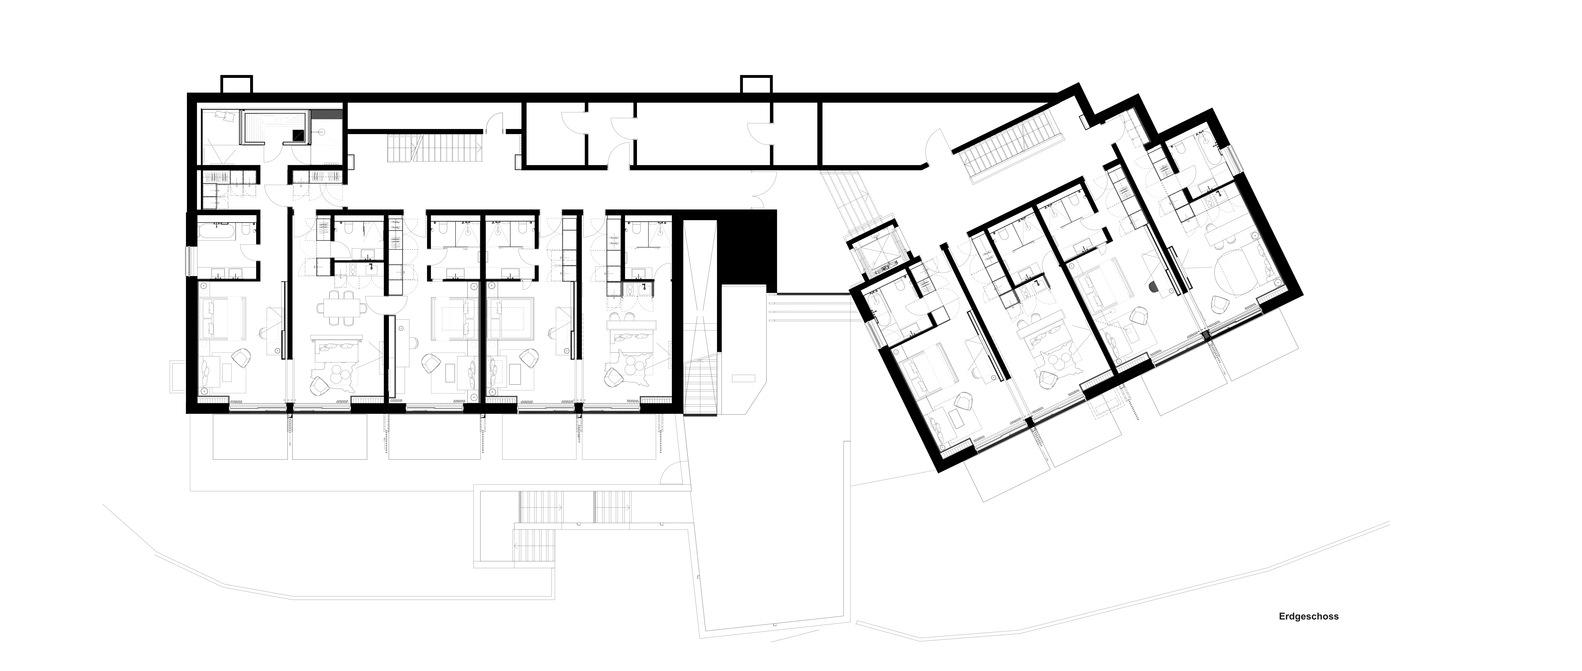 Architekten Landau gallery of alpine chalets landau kindelbacher architekten